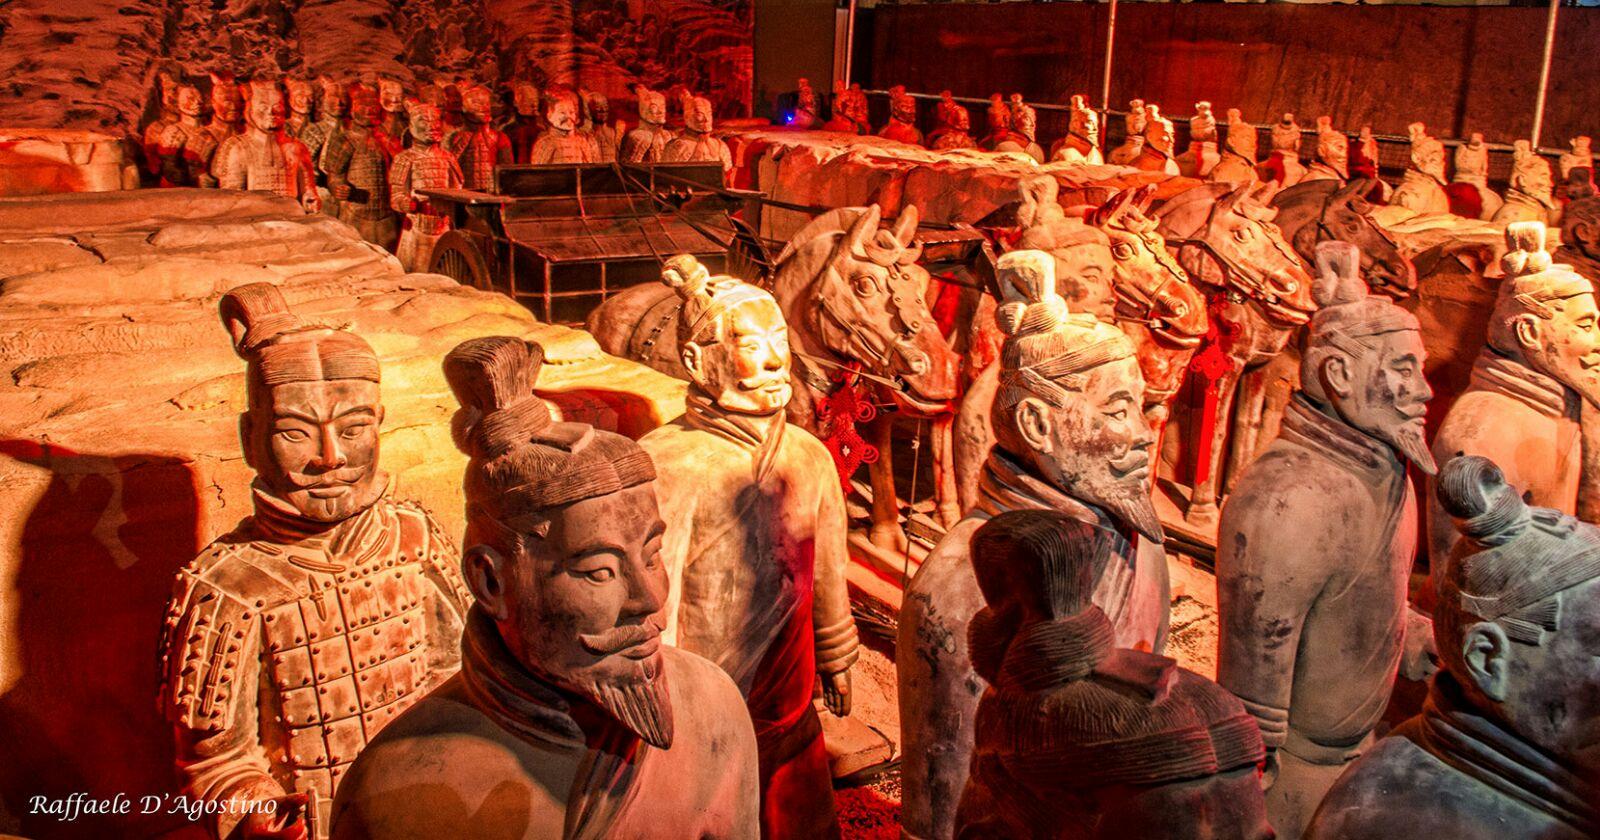 Esercito di terracotta cinese, un viaggio nella storia di 2200 anni fa